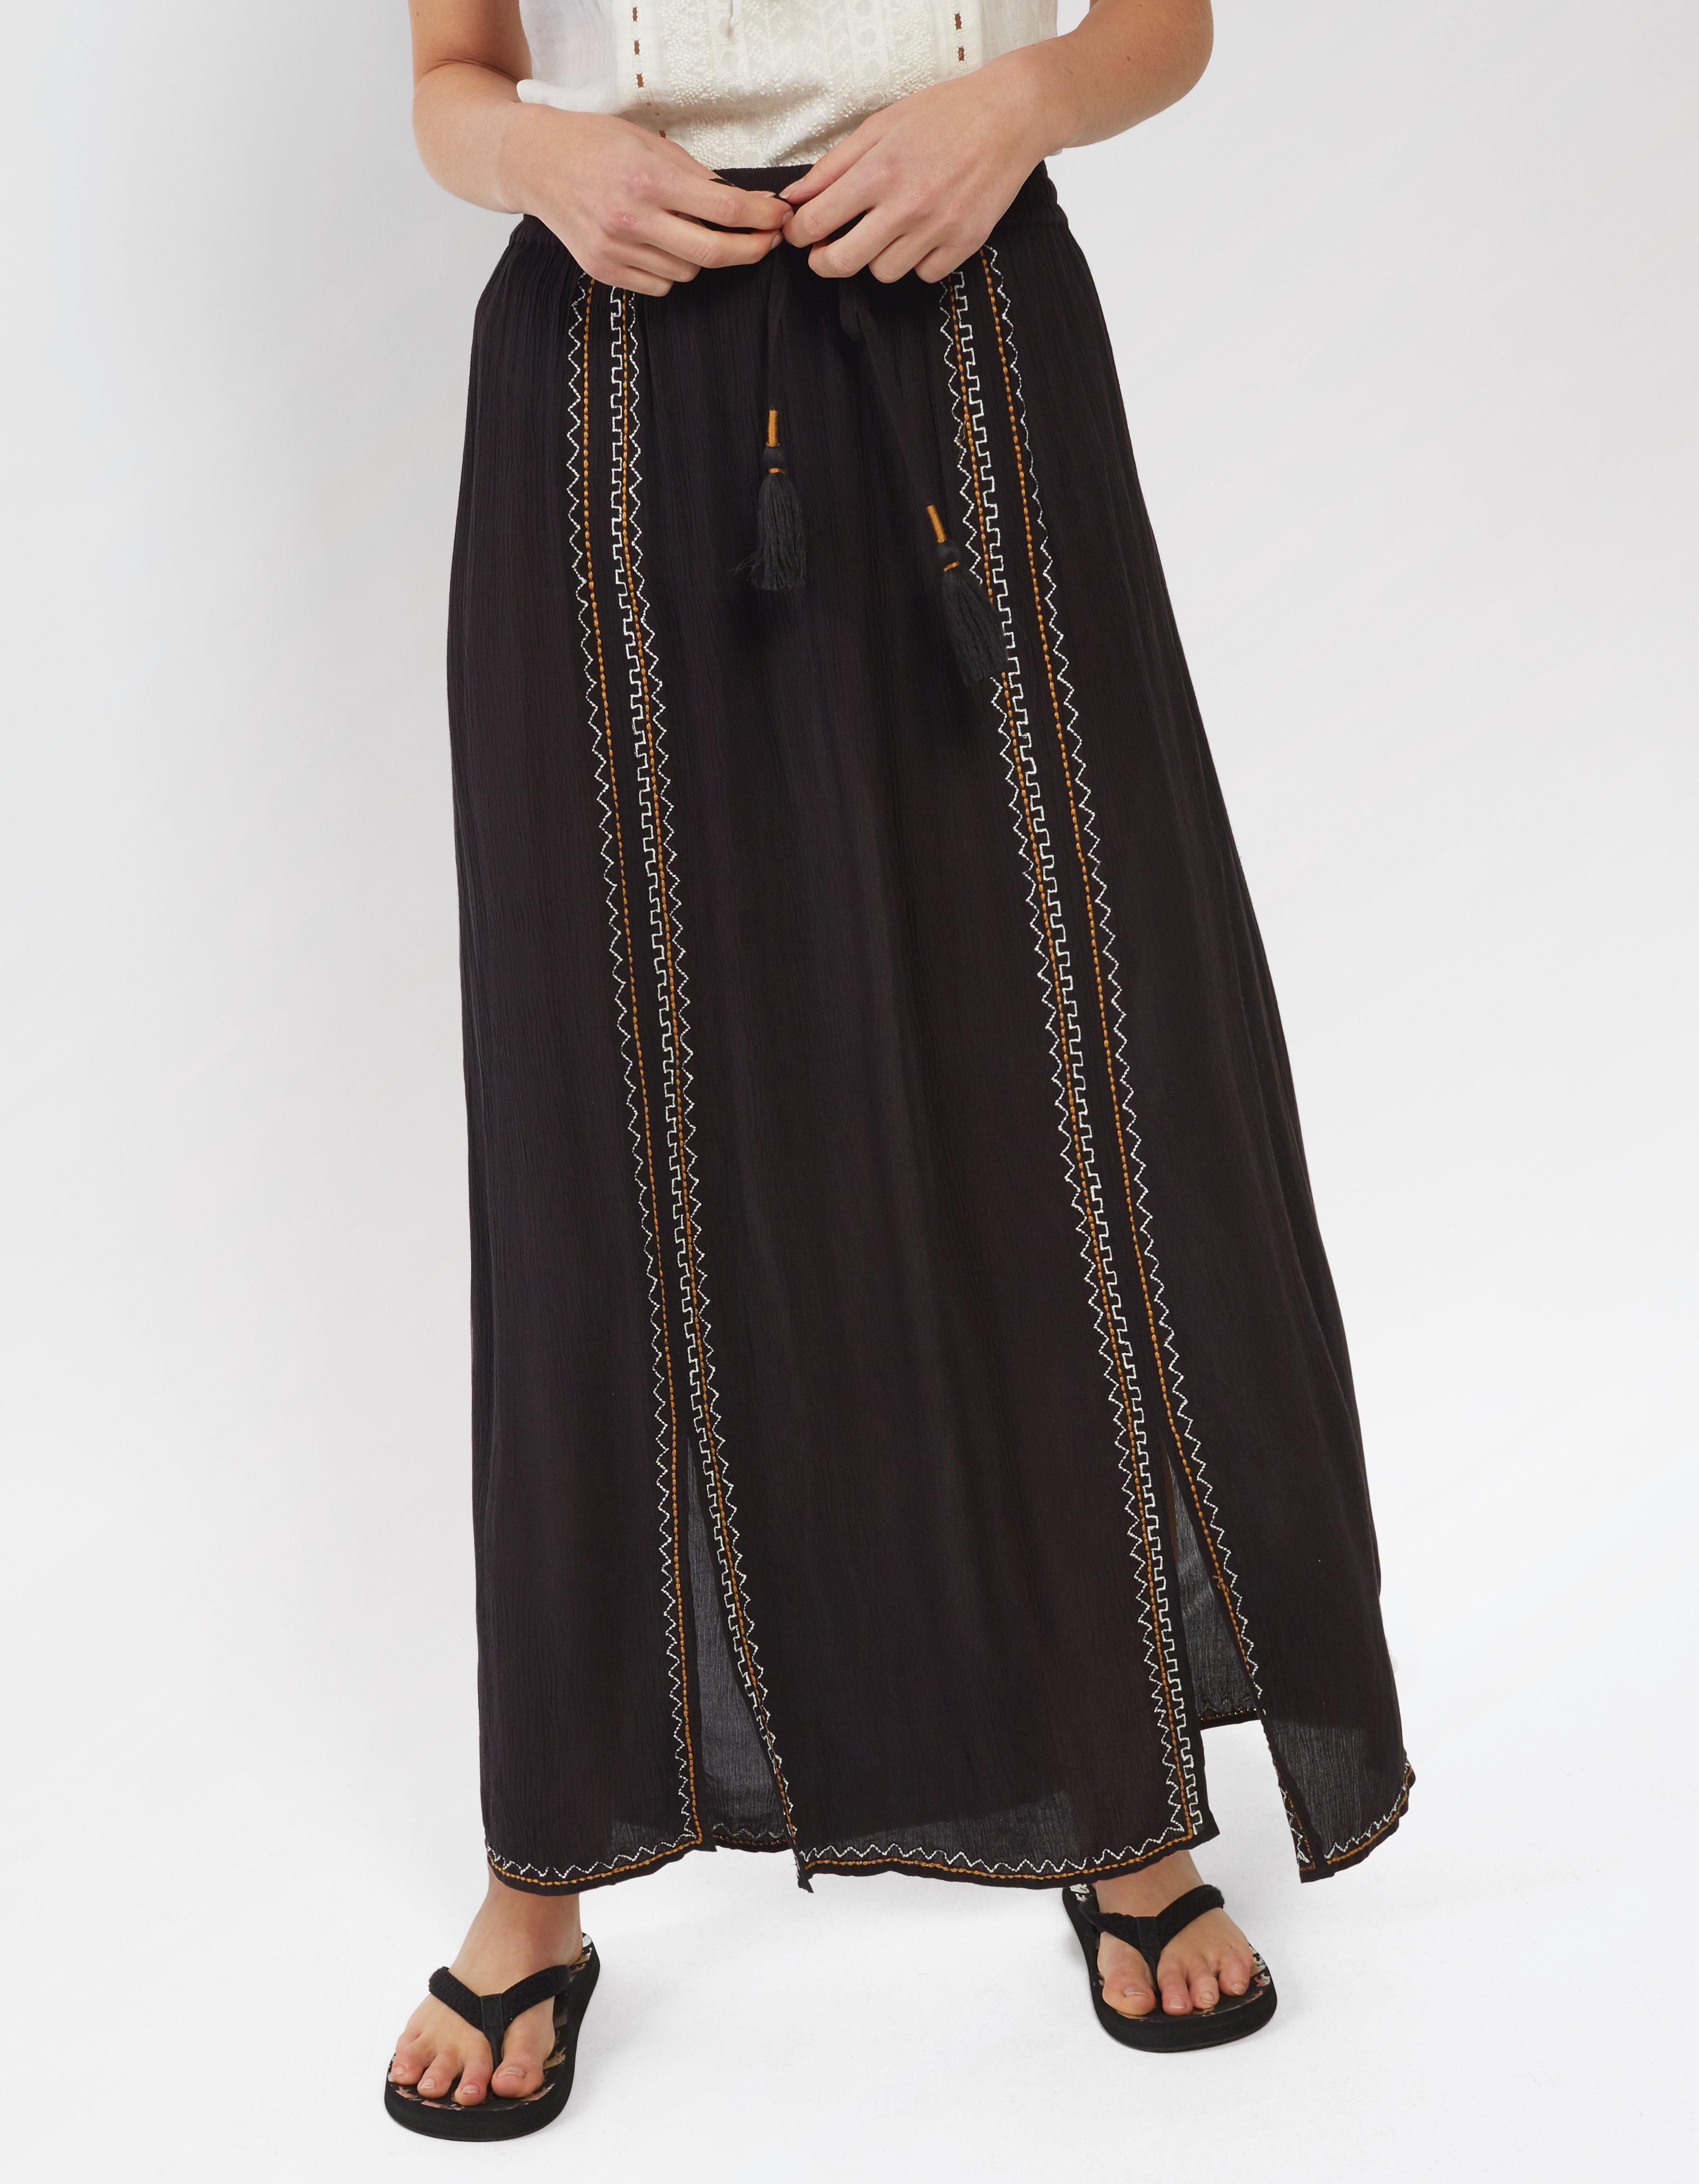 Shoreham Maxi Skirt